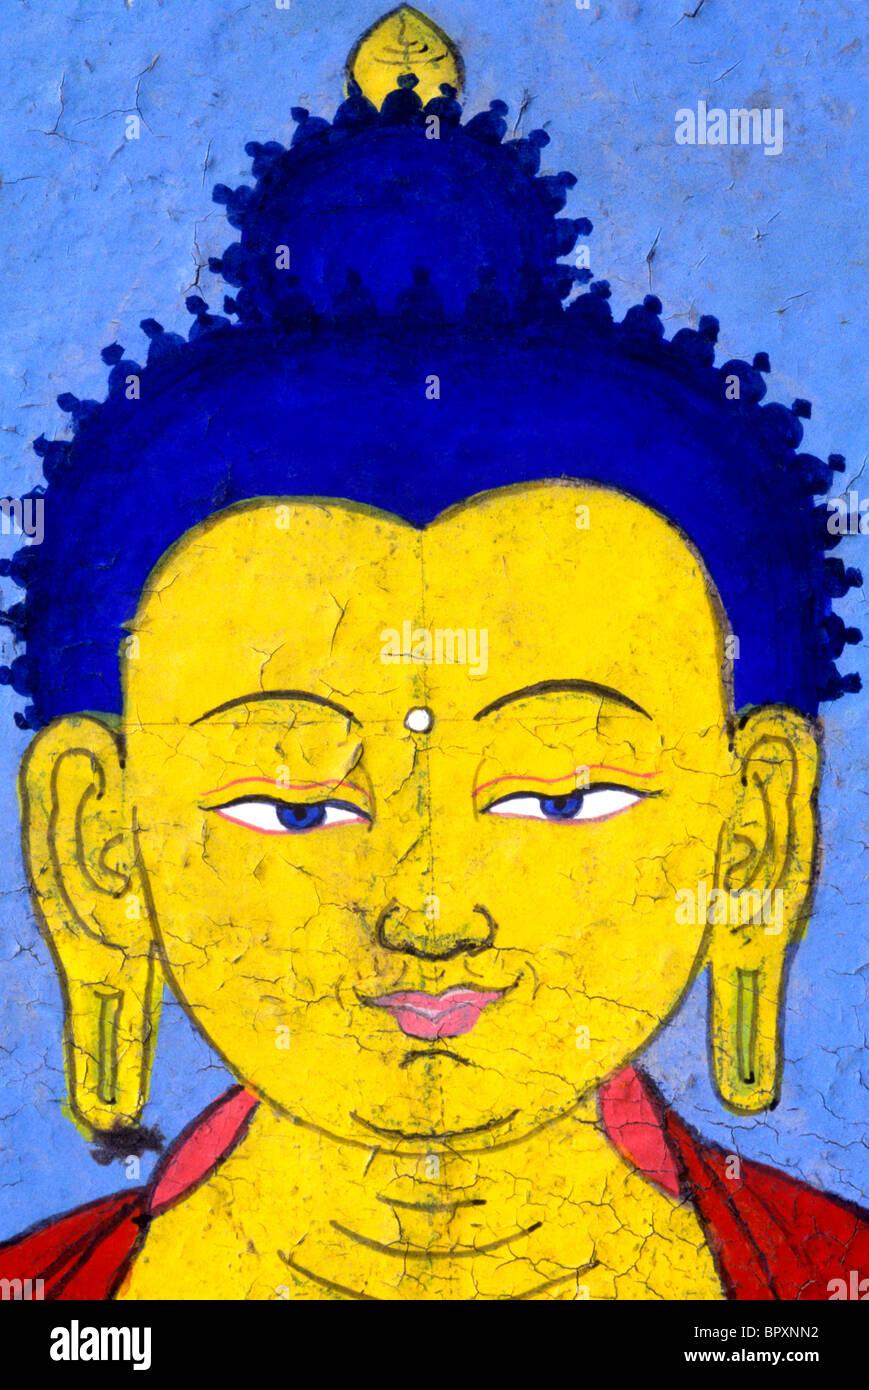 A painting of the Buddha. McLeod Ganj, Dharamsala, Himachal Pradesh, Northern India. - Stock Image